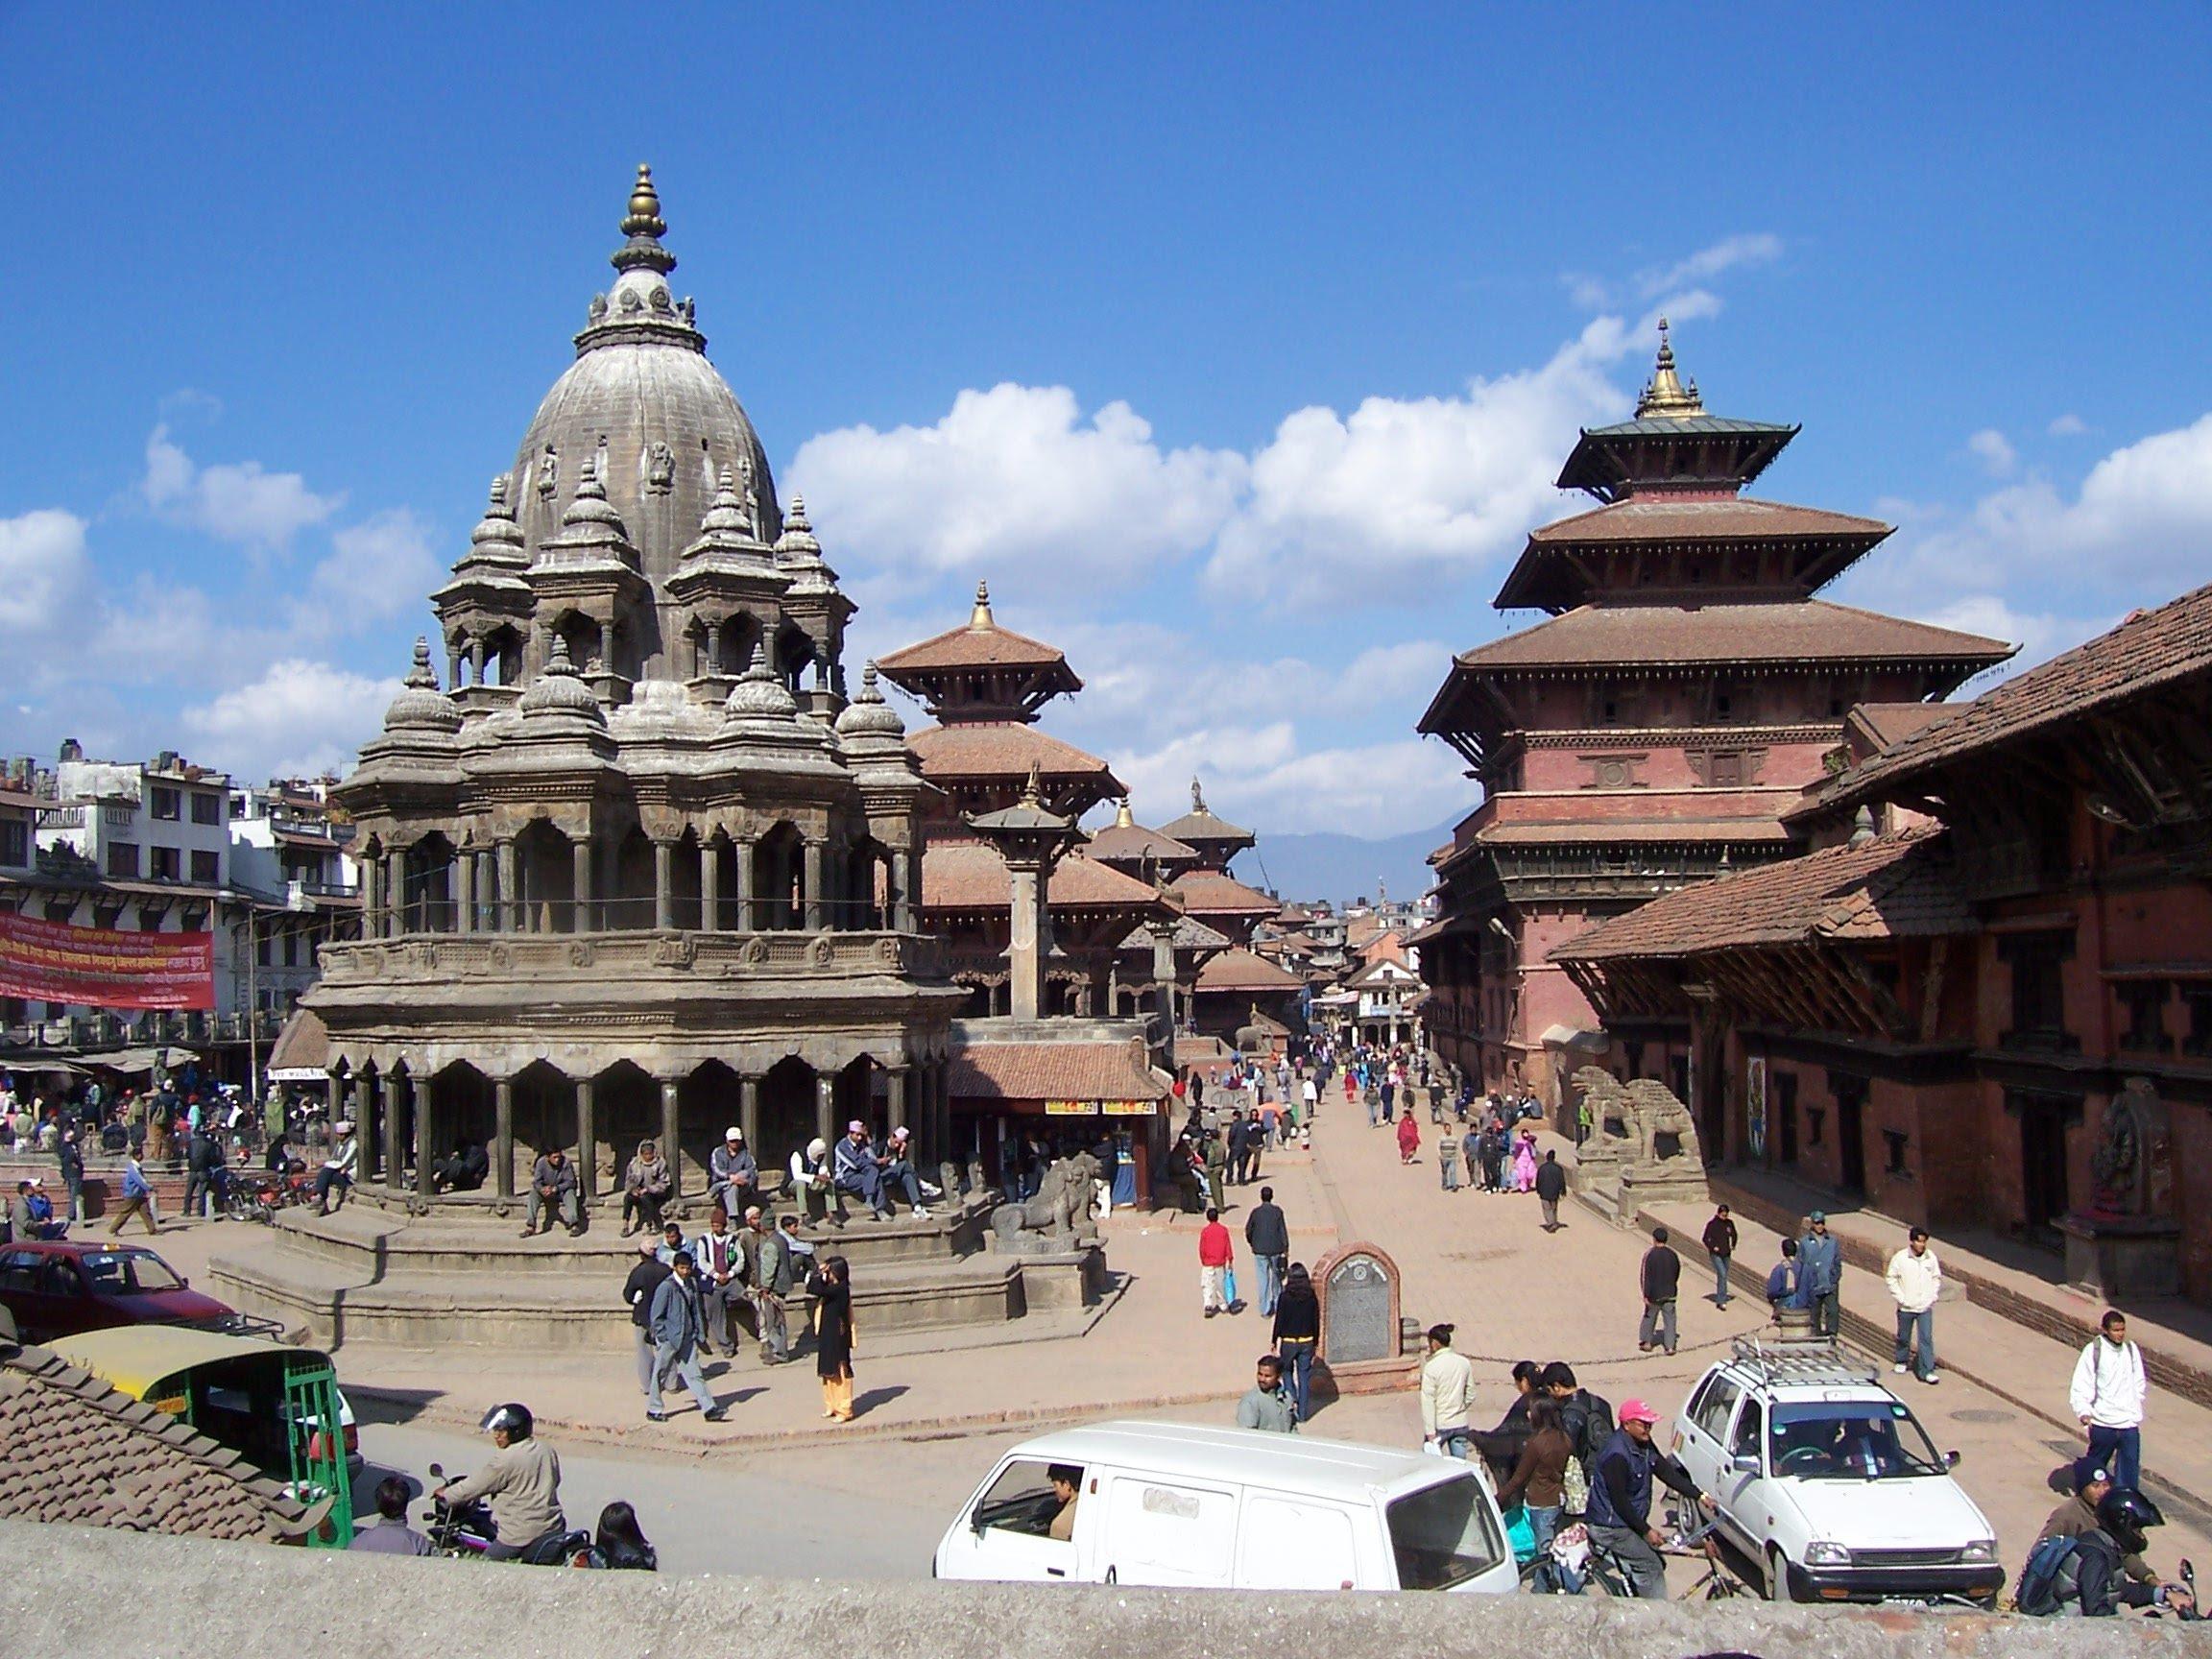 Patan In Lalitpur 3 Reviews And 7 Photos